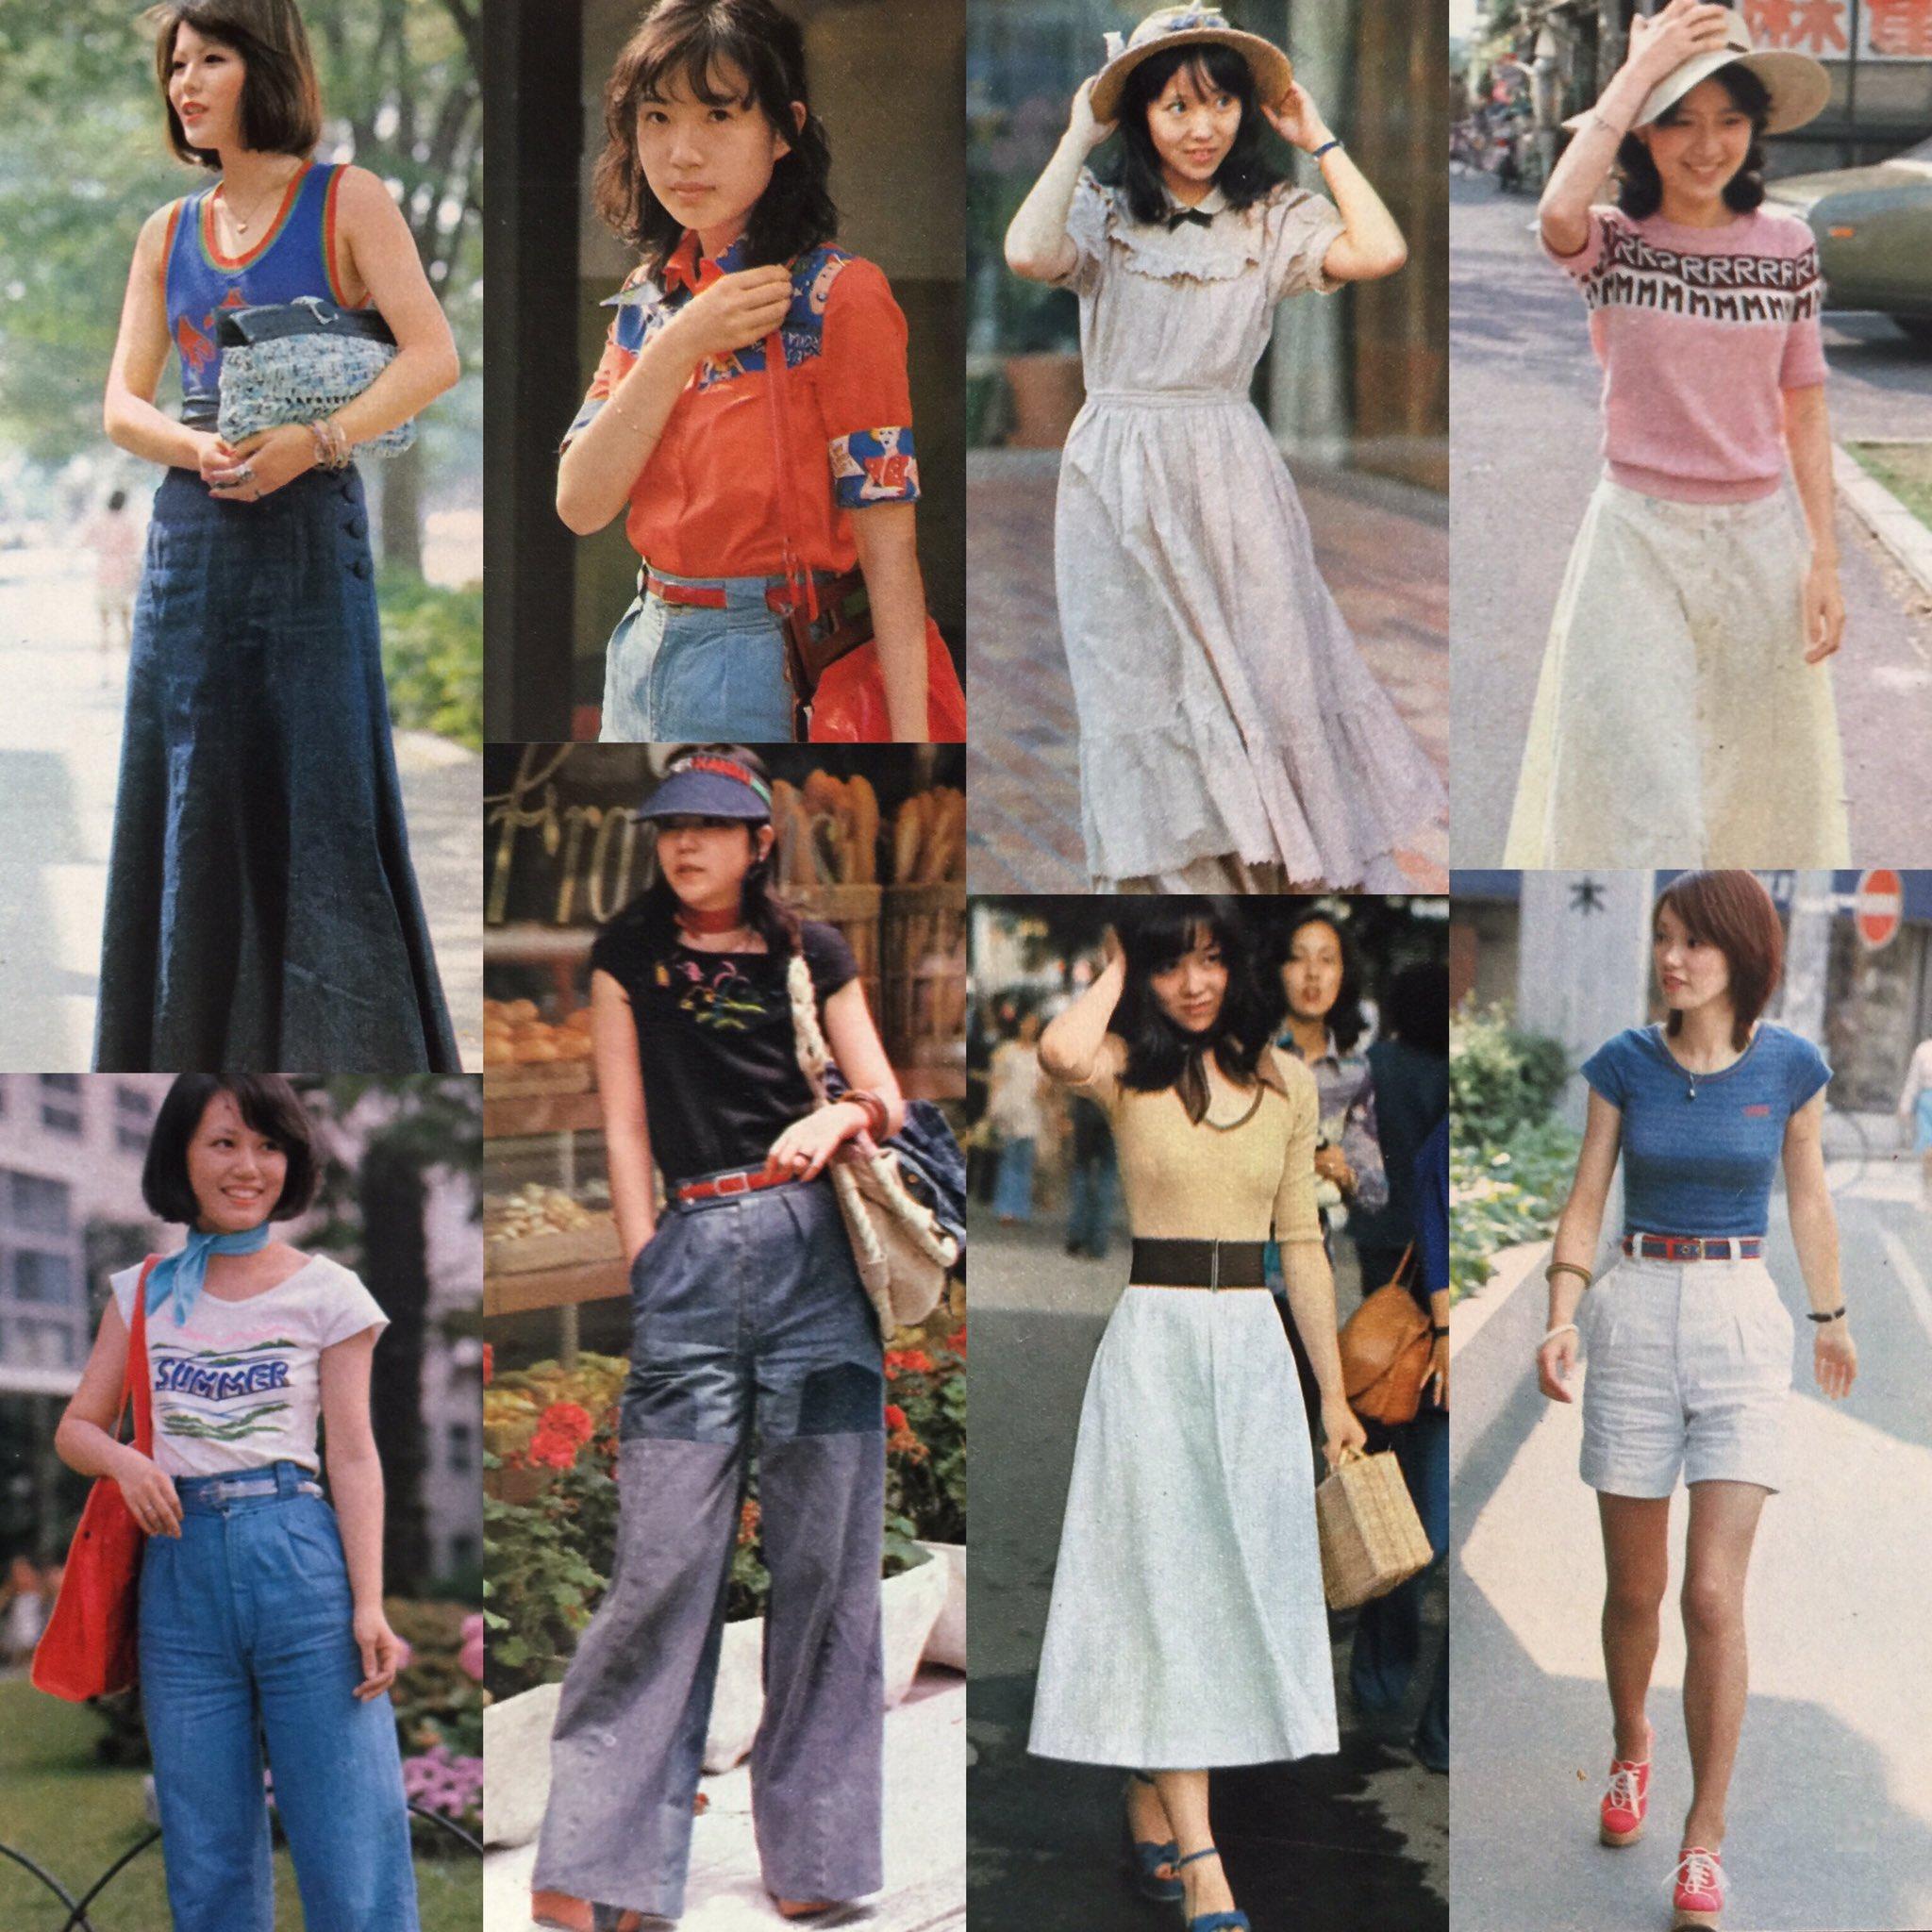 【画像】1970年代の女性の夏のファッションww